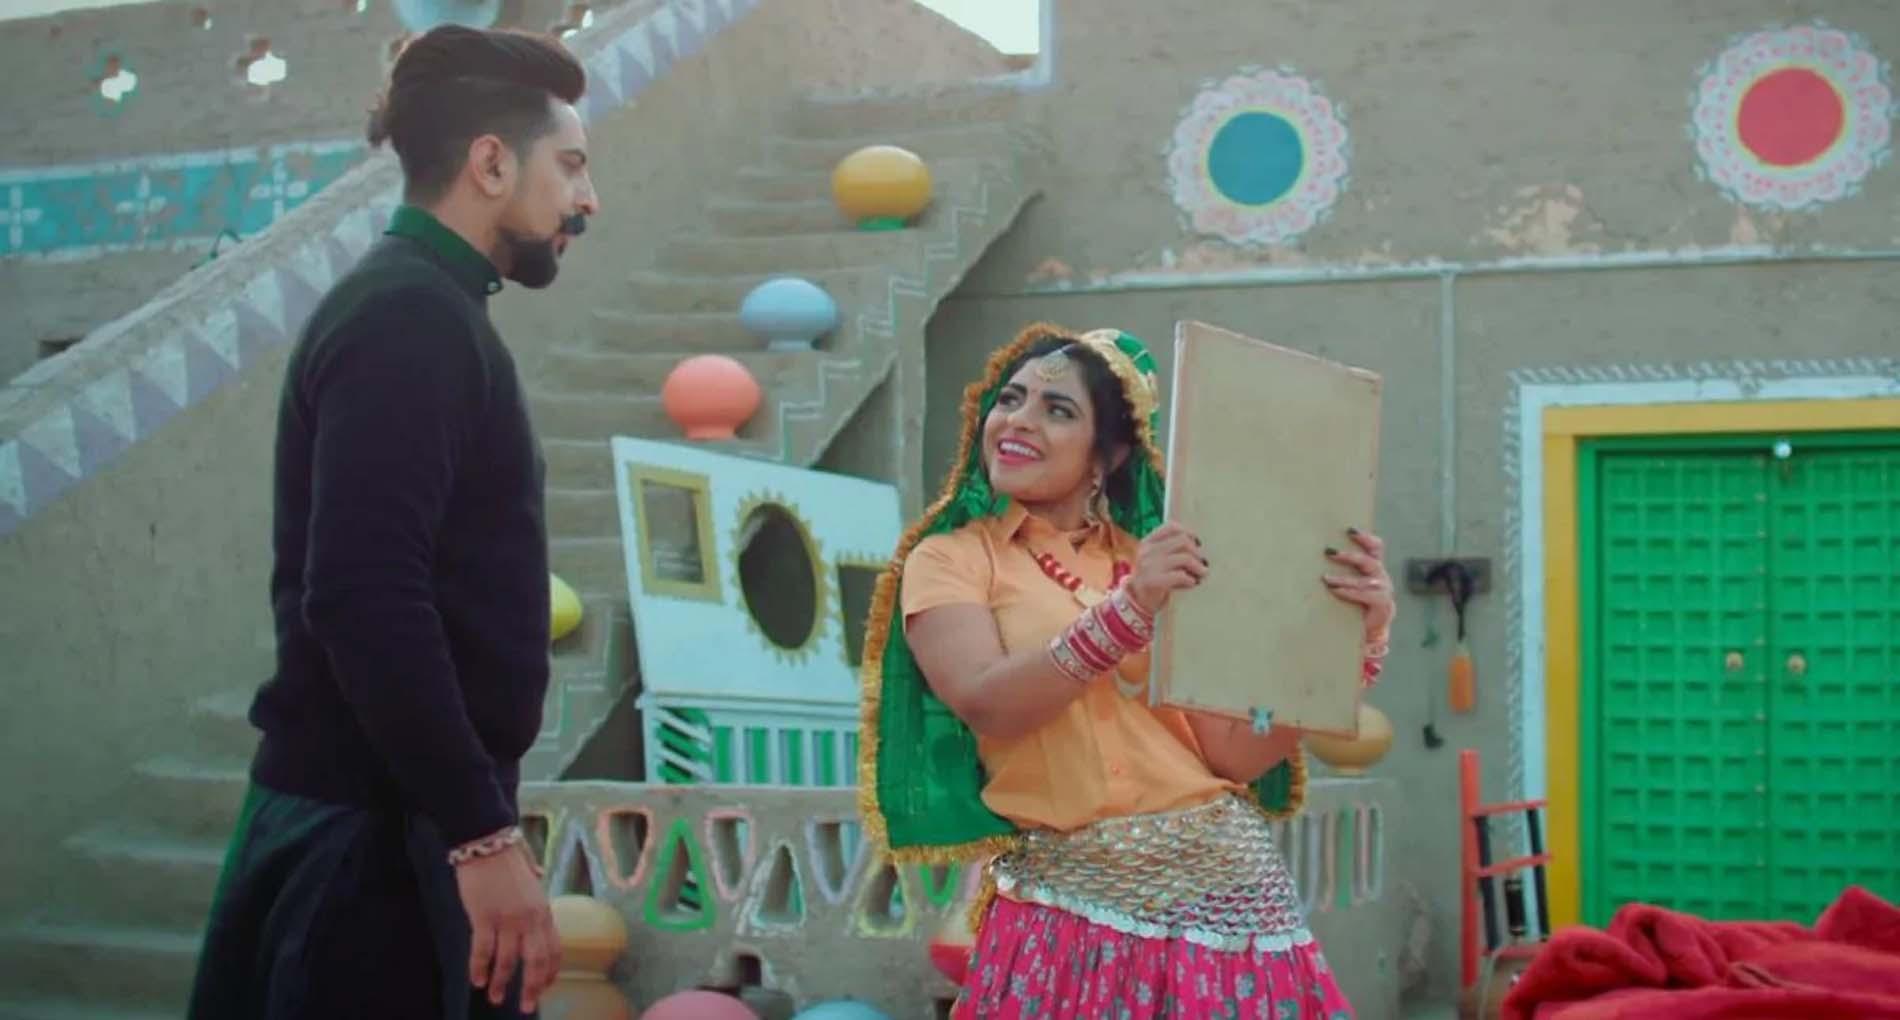 Haryanvi Song: रेणुका पंवार का ये गाना मचा रहा तहलका! वीडियो पर व्यूज 50 लाख के पार